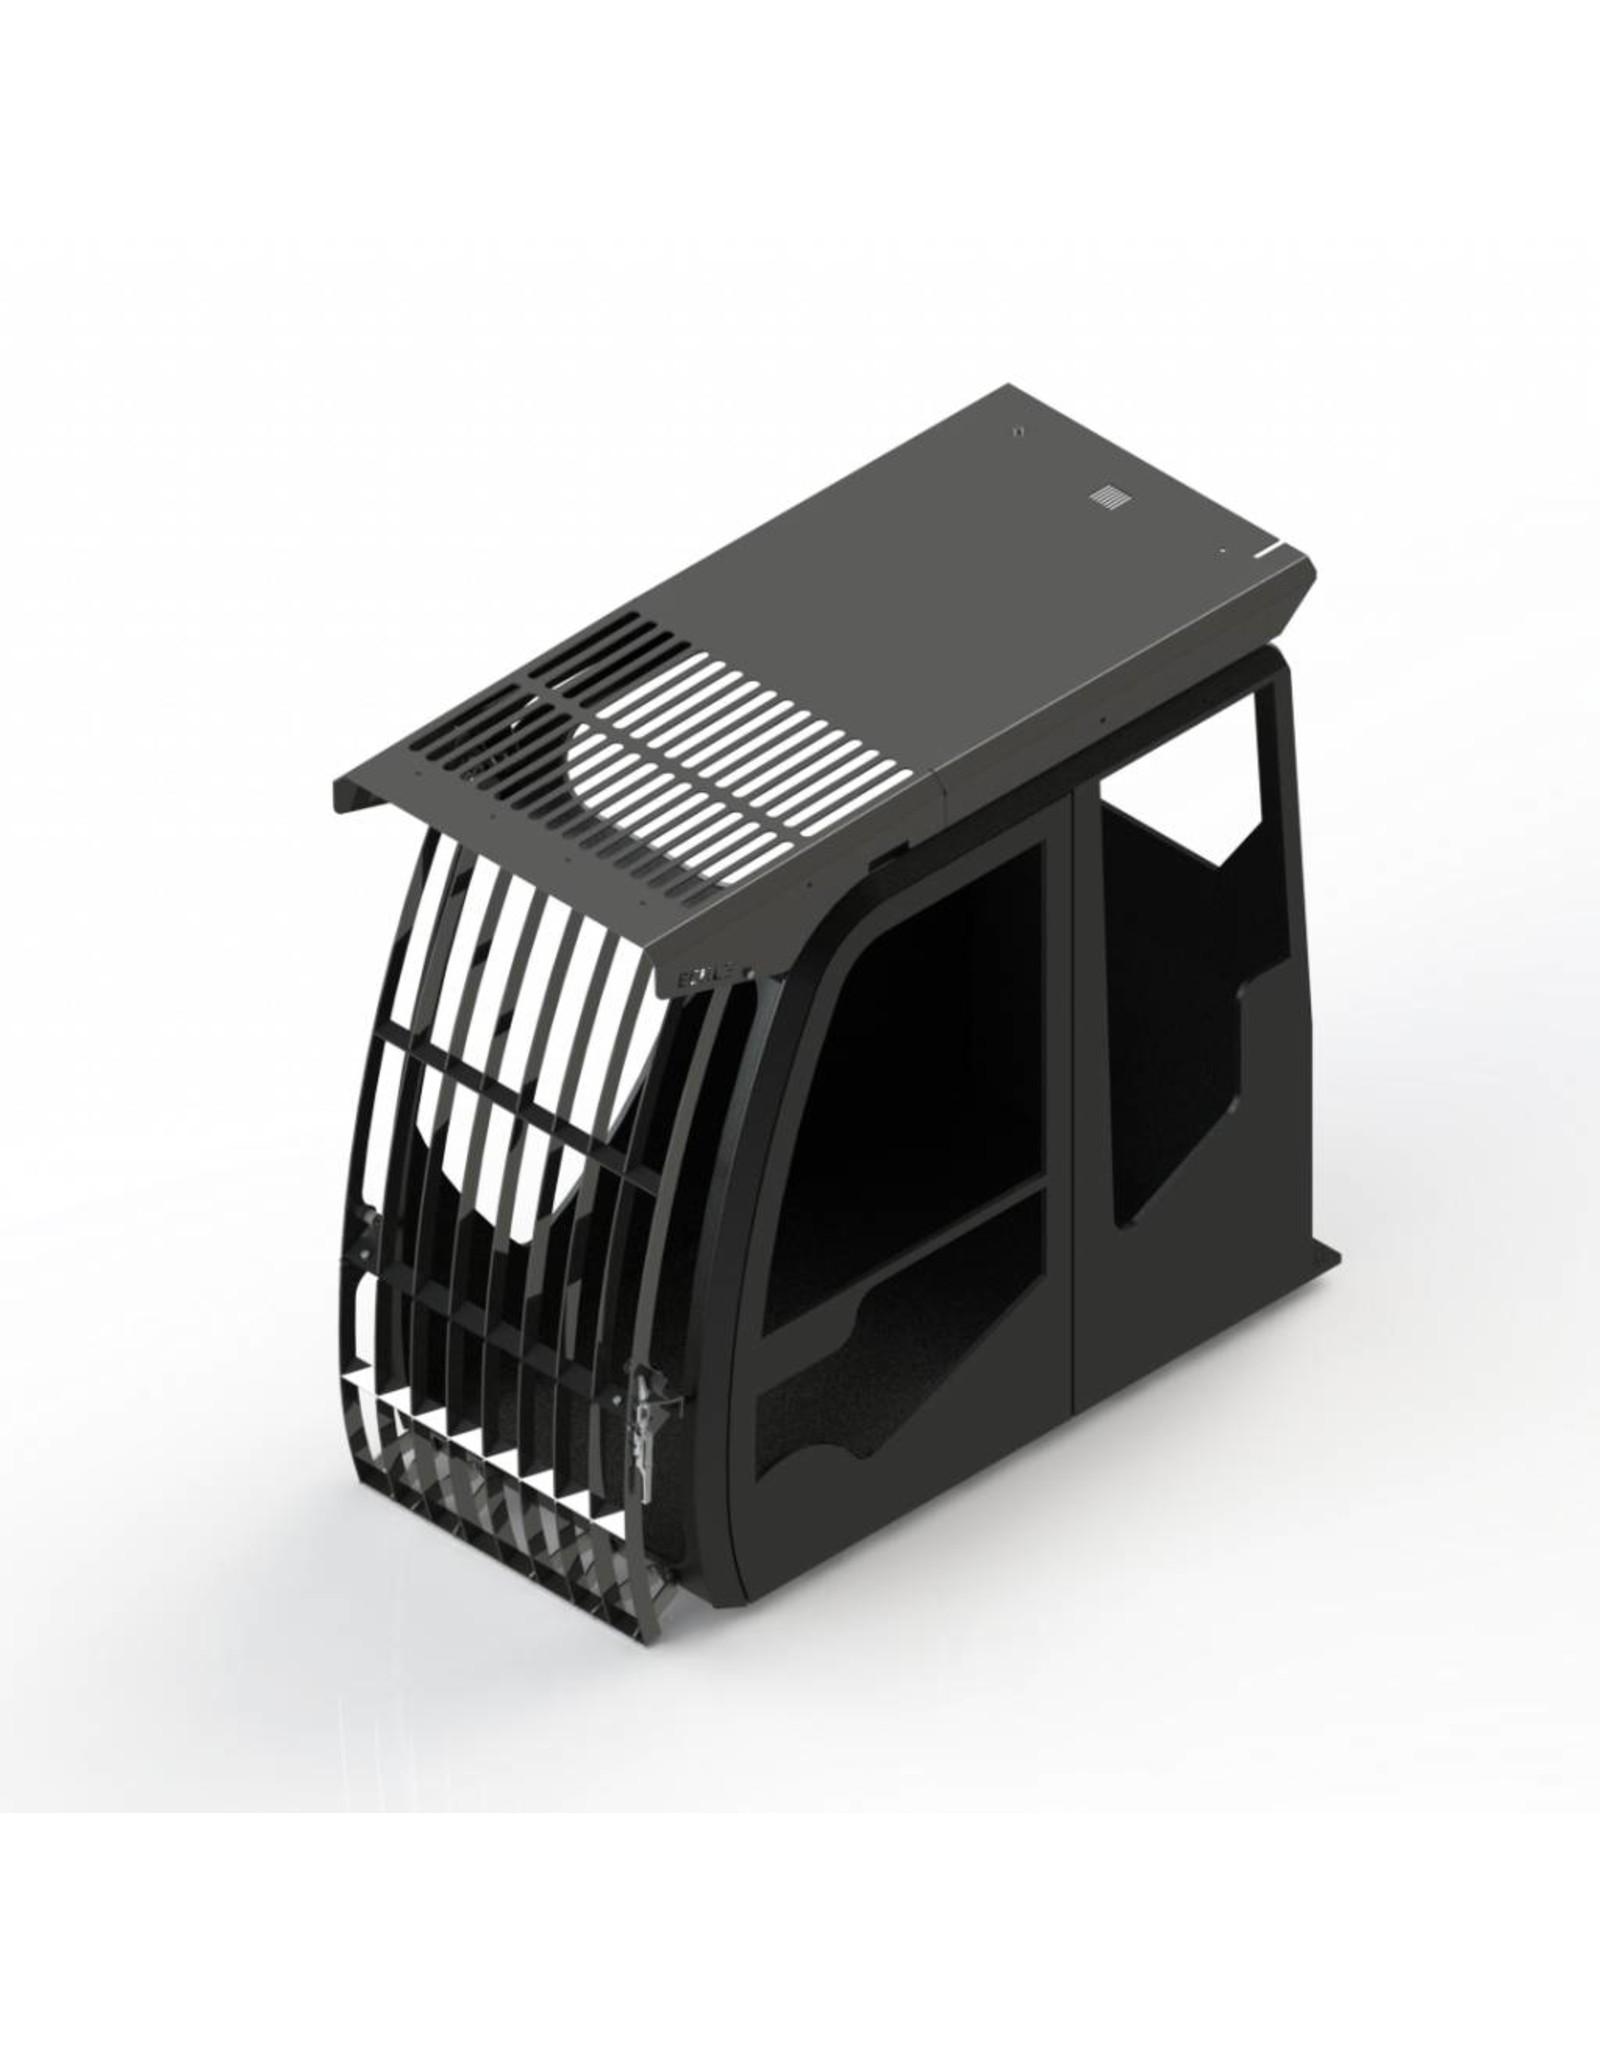 Echle Hartstahl GmbH FOPS for Doosan DX140LC-5